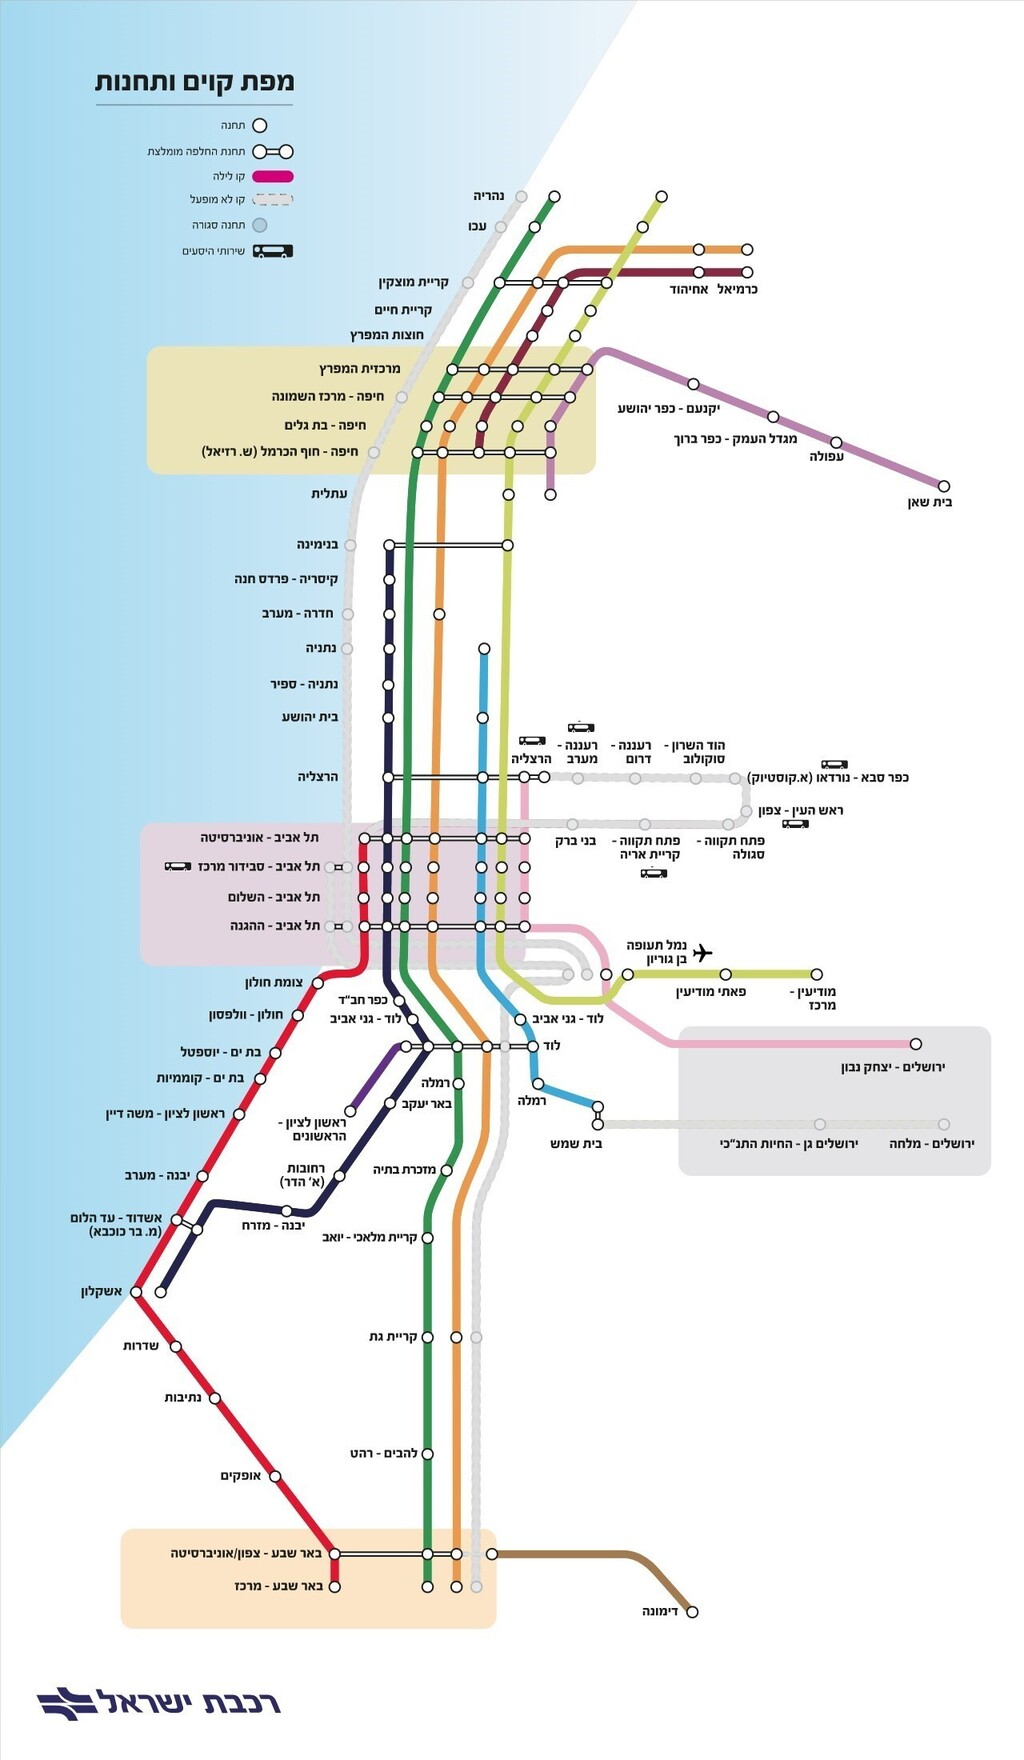 רכבת ישראל מפת קווים פעילים 3-19 באוקטובר 2021